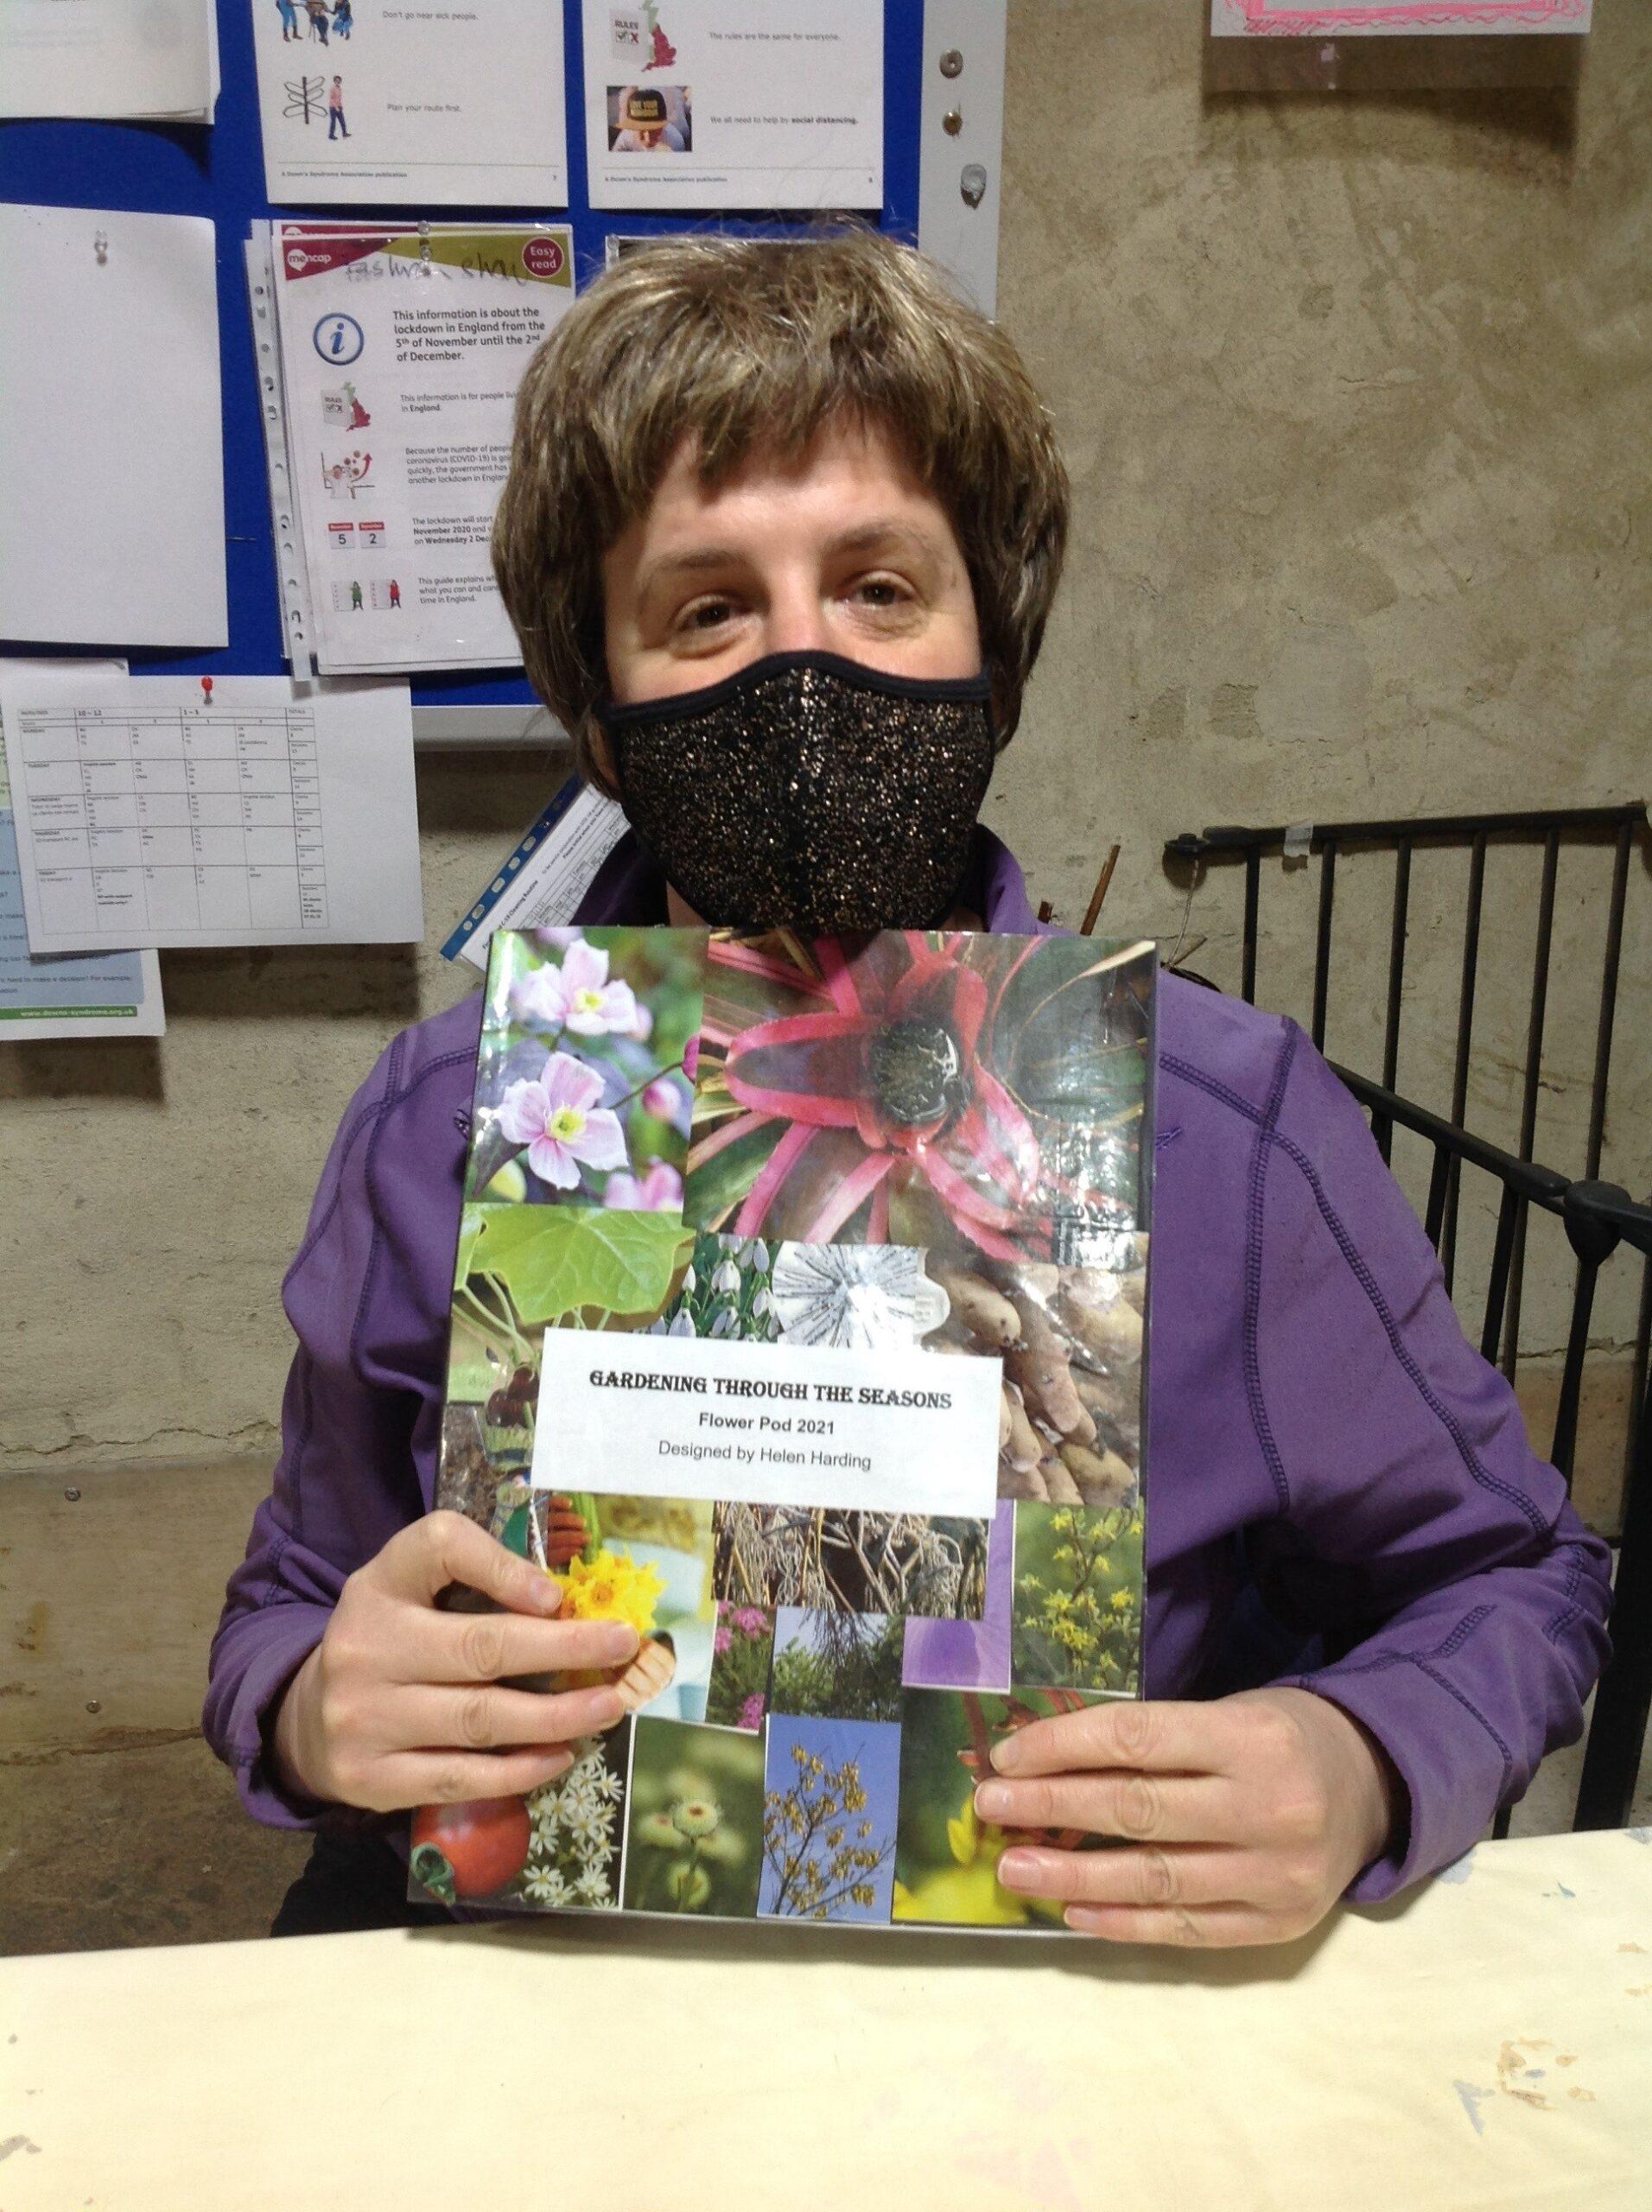 Helen holding her Flower Pod book